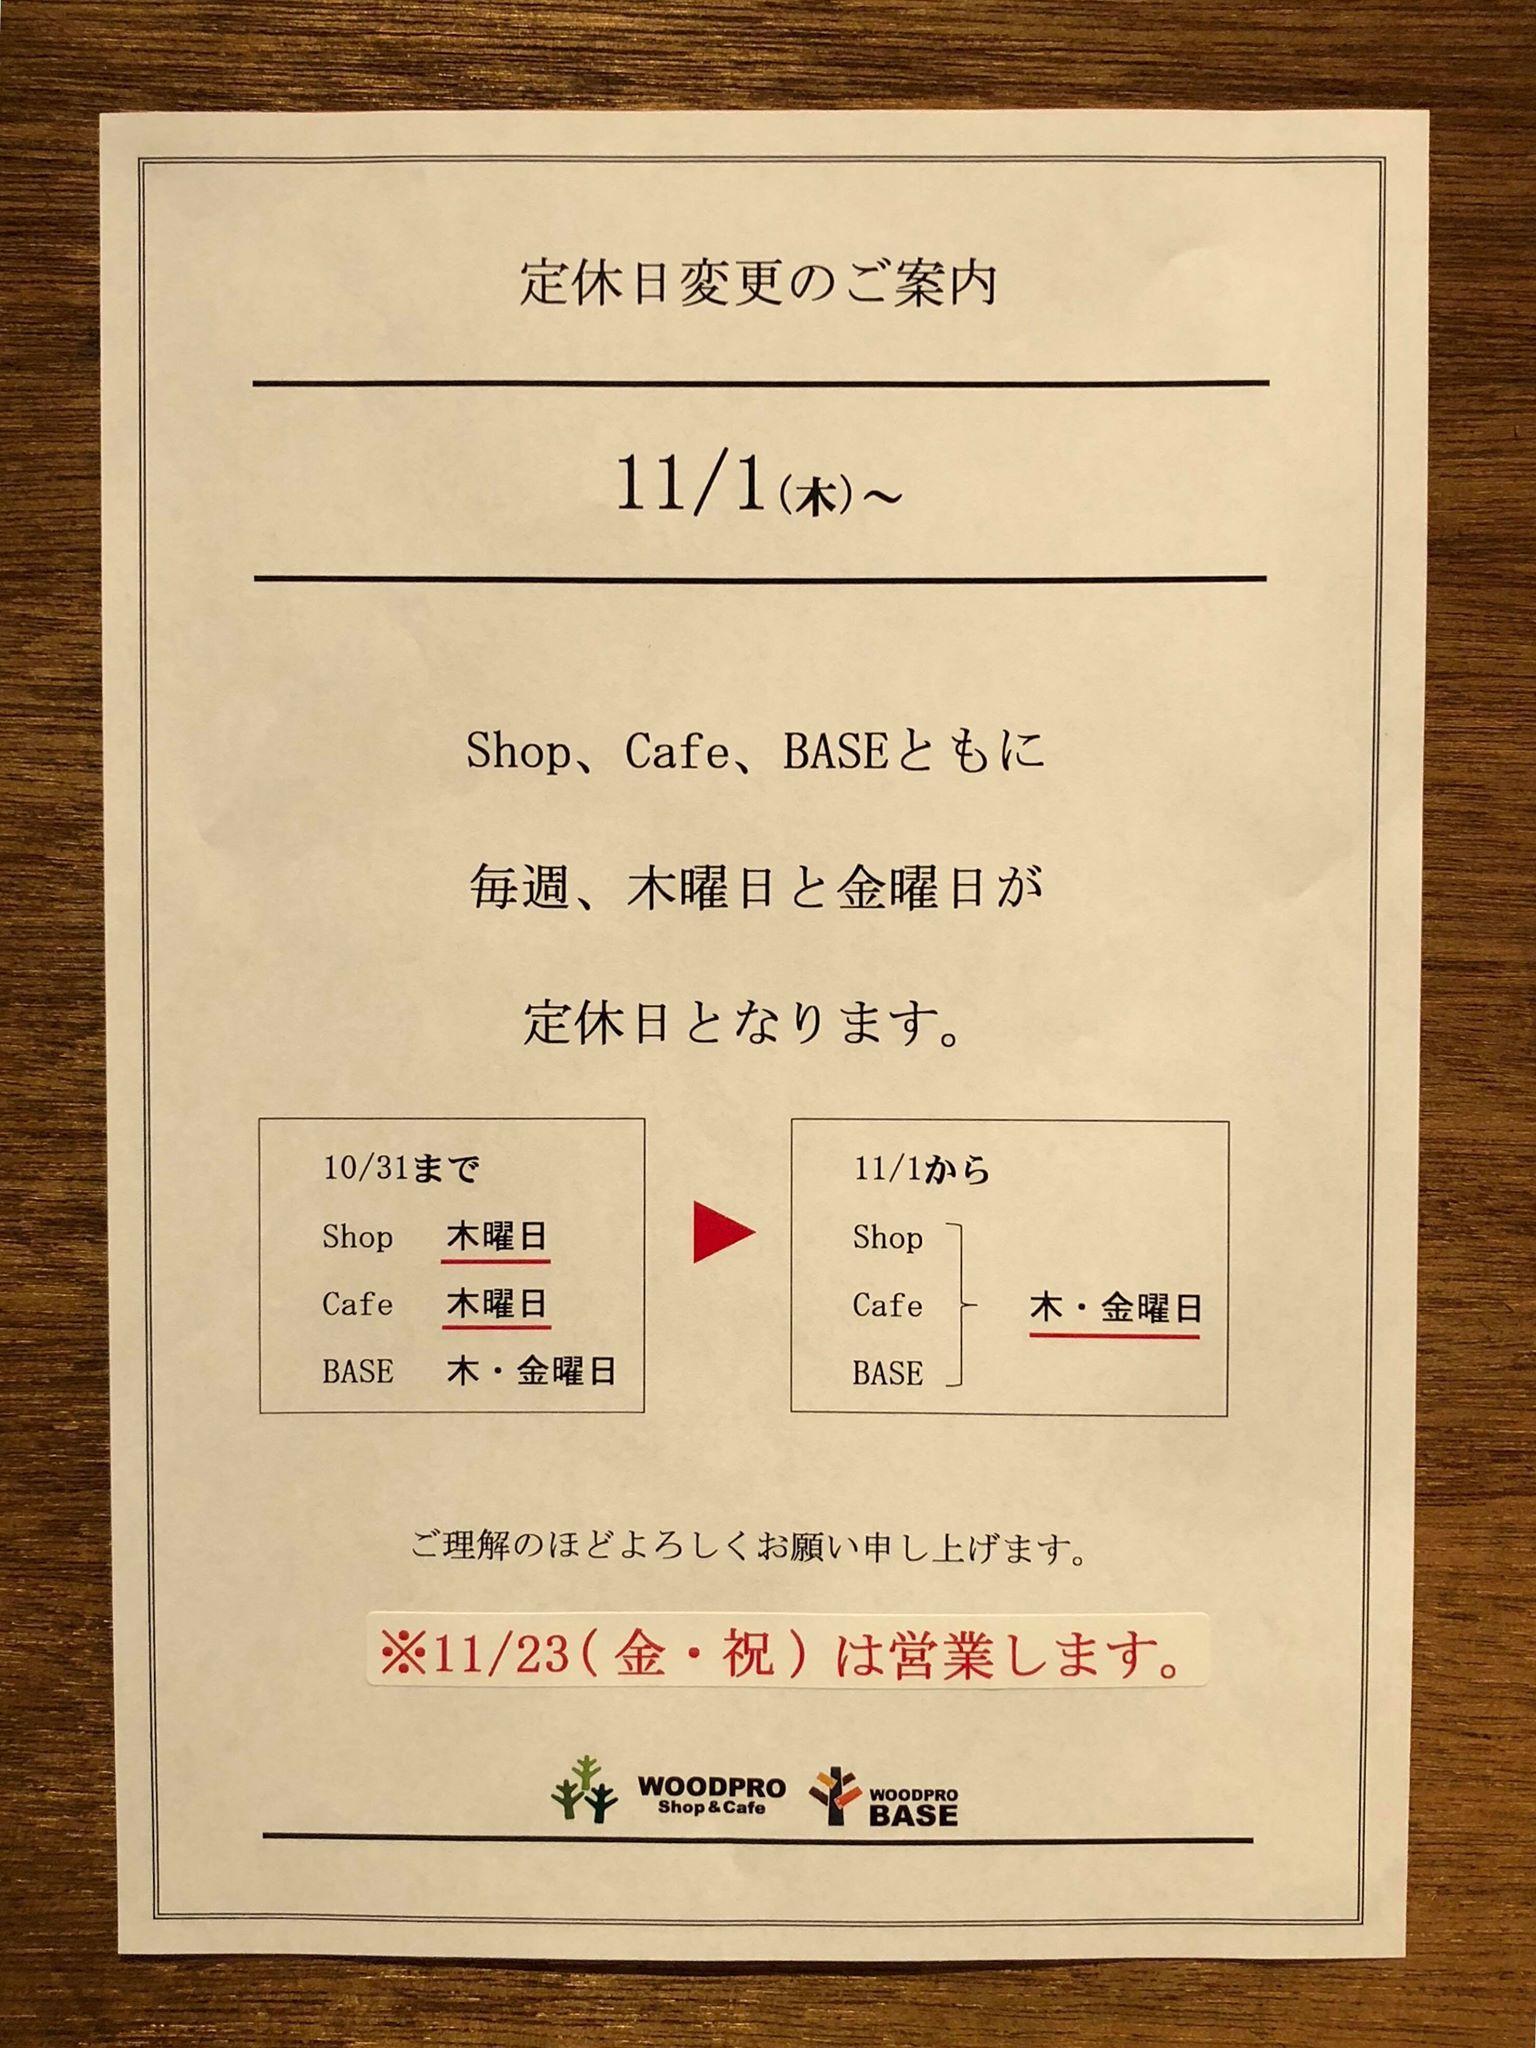 店休日変更のお知らせ_d0237564_17162549.jpg